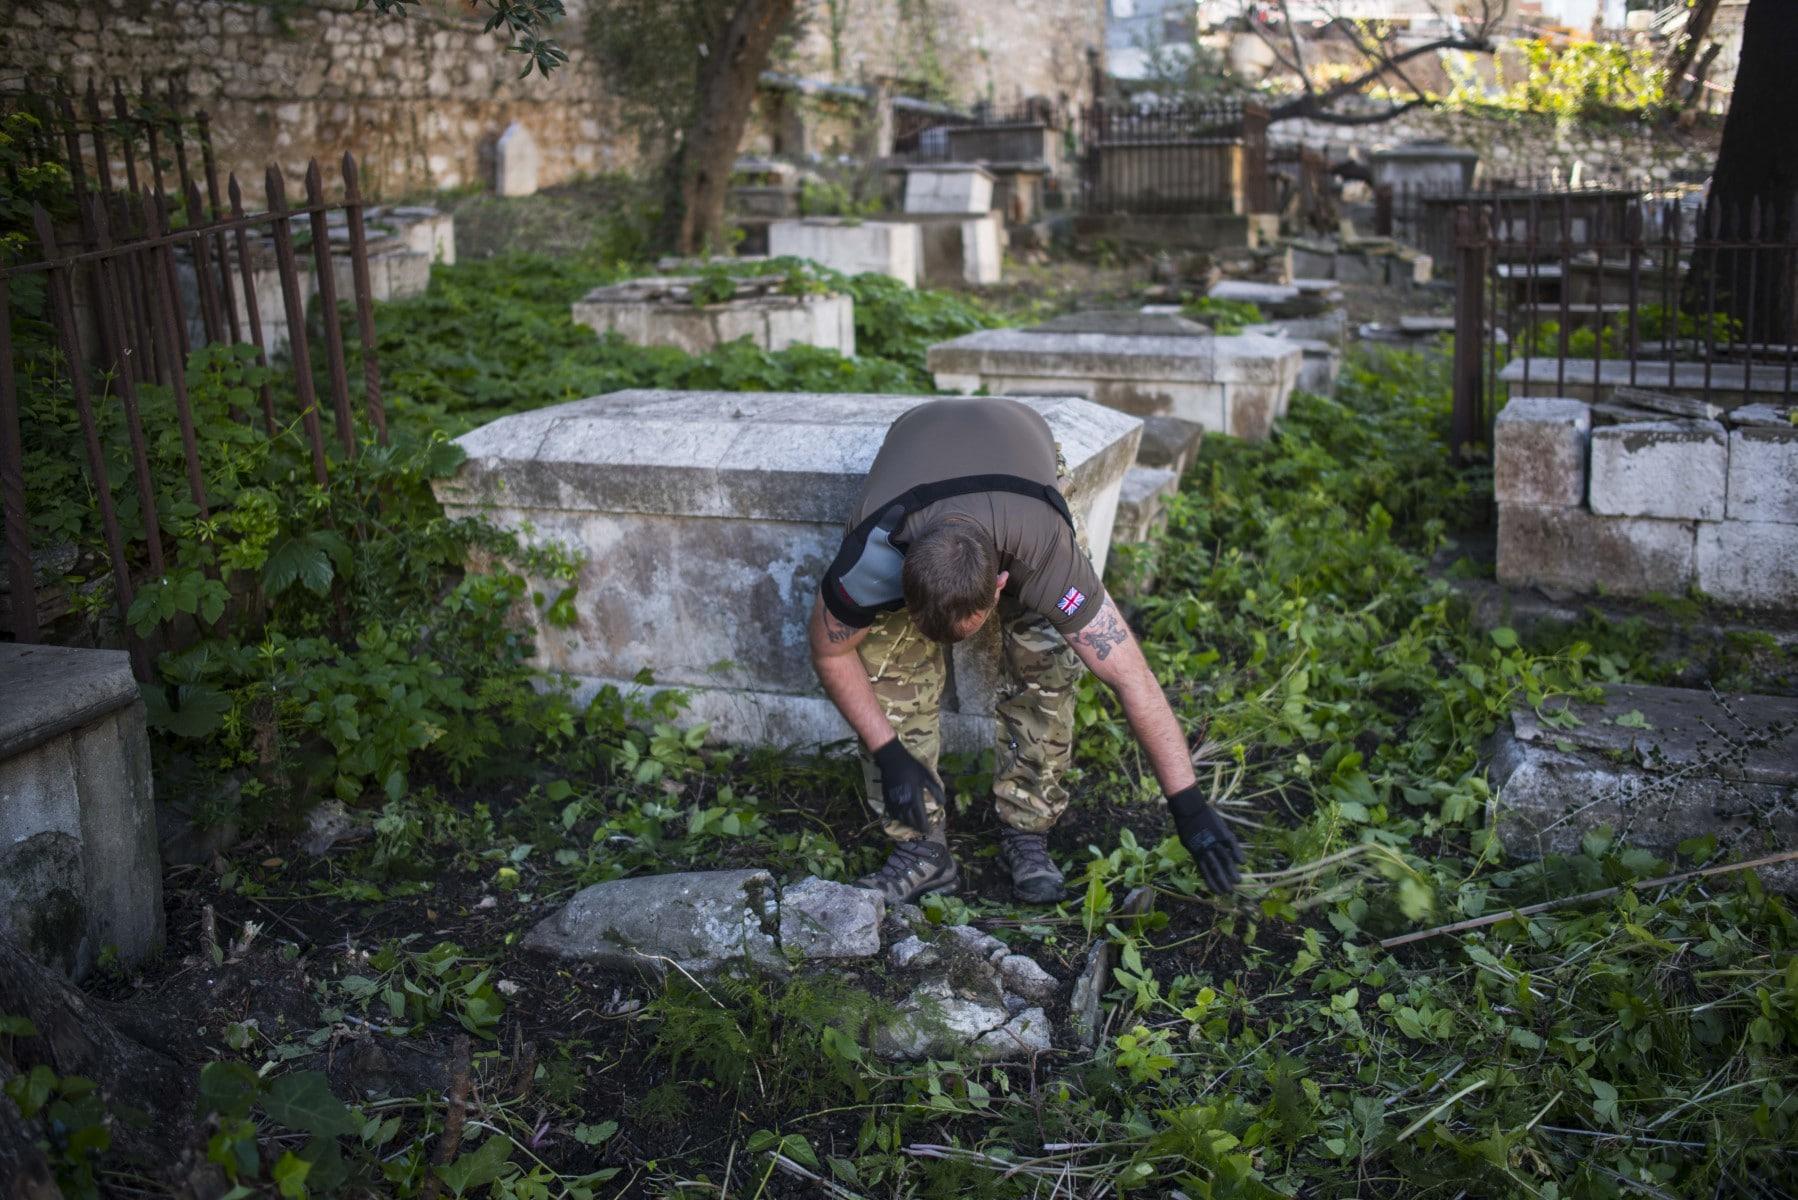 restauracin-cementerio-witham-11_25451427916_o